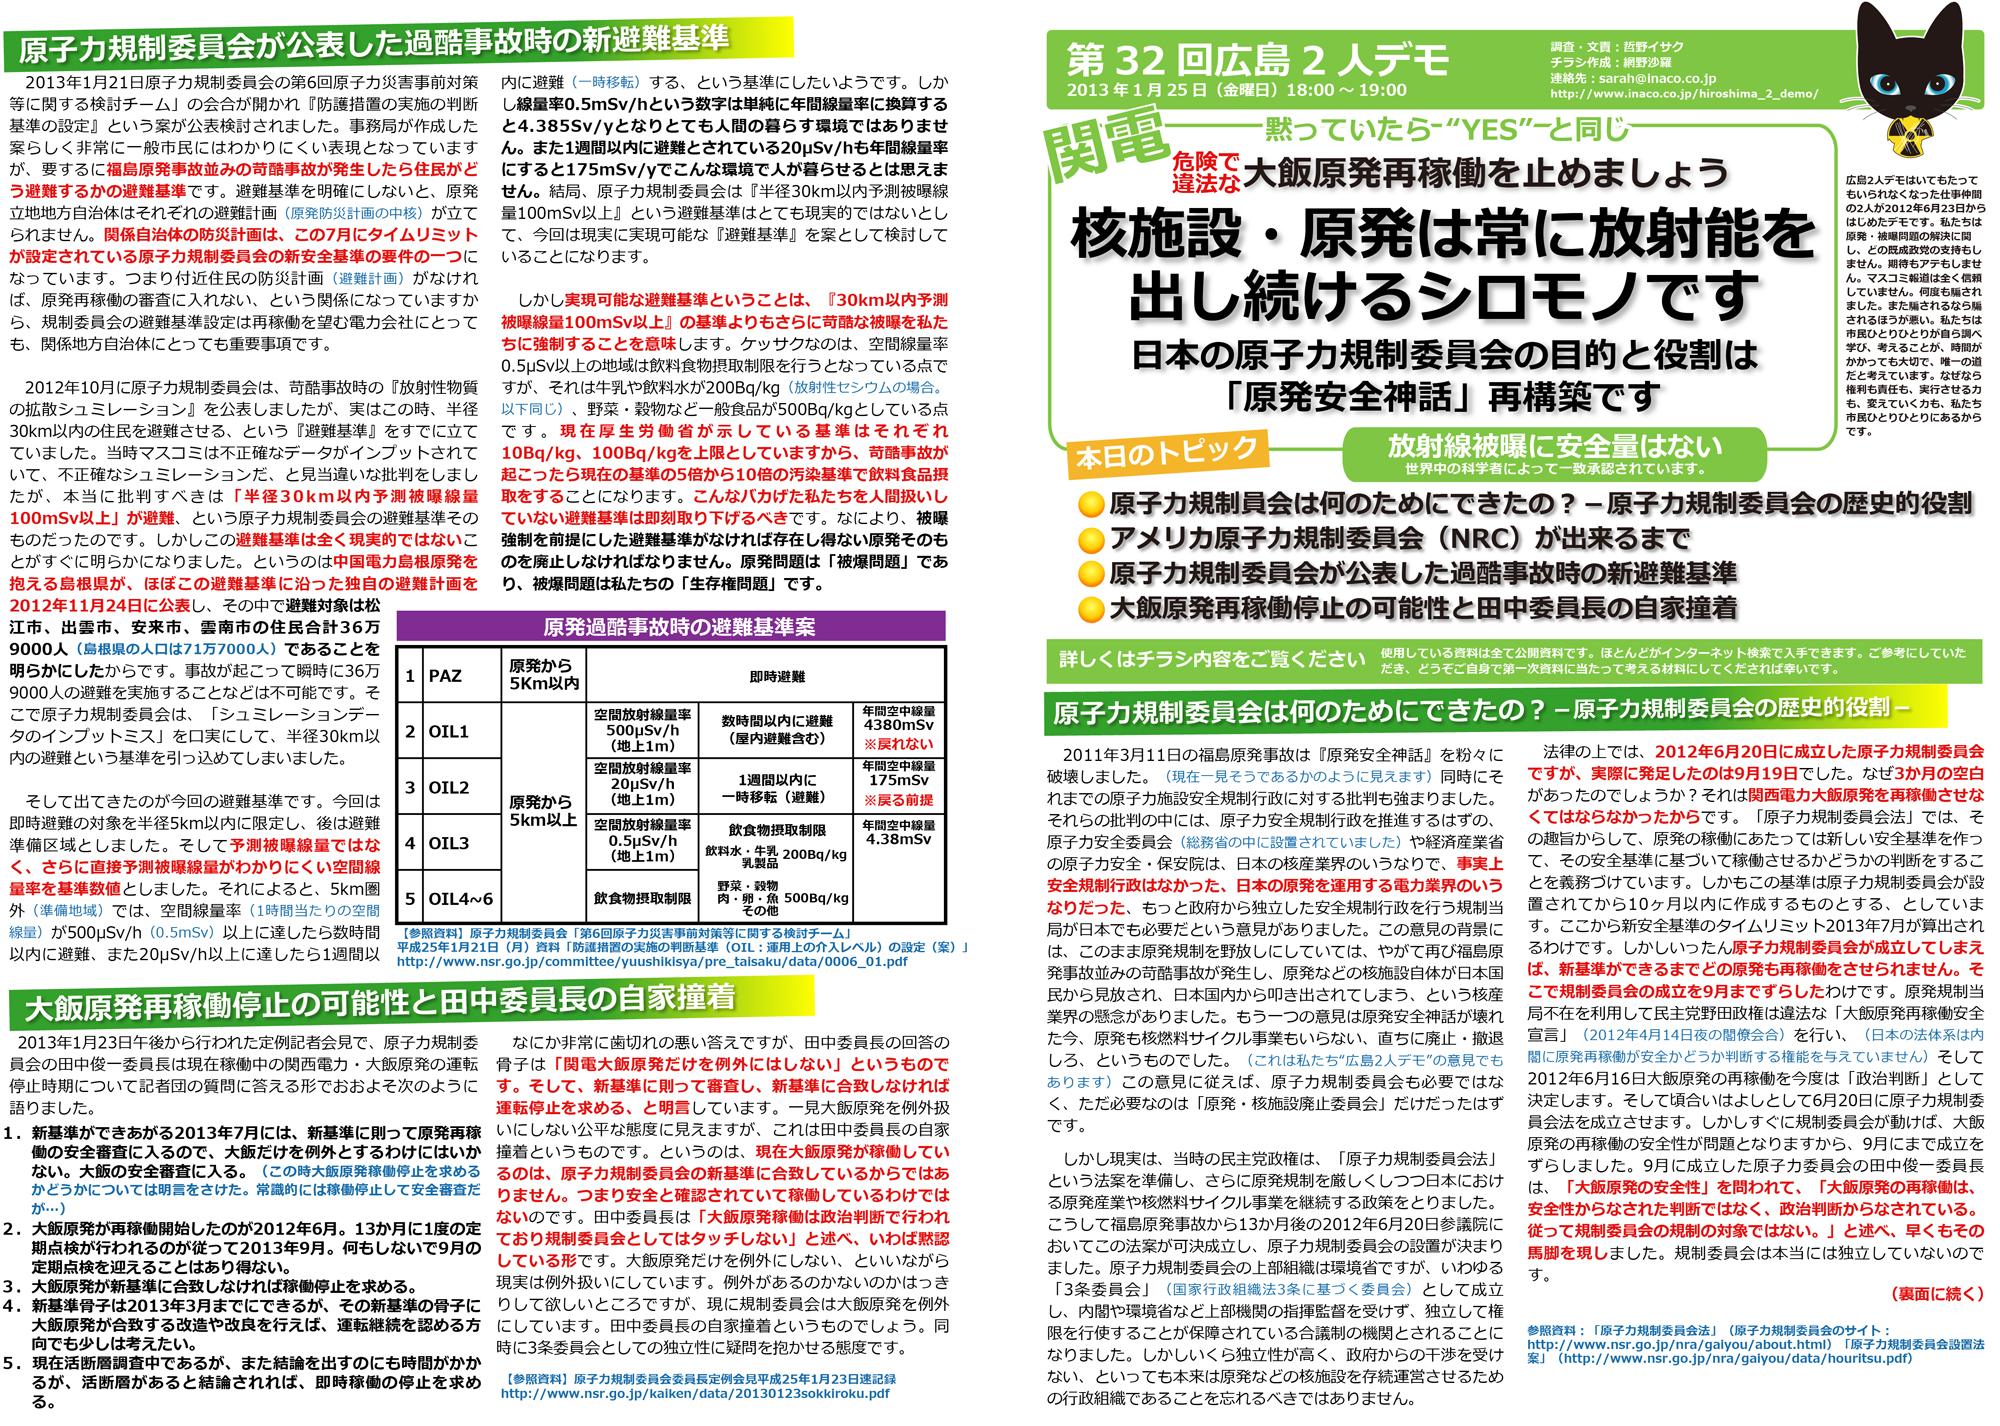 ファイル 90-1.jpg